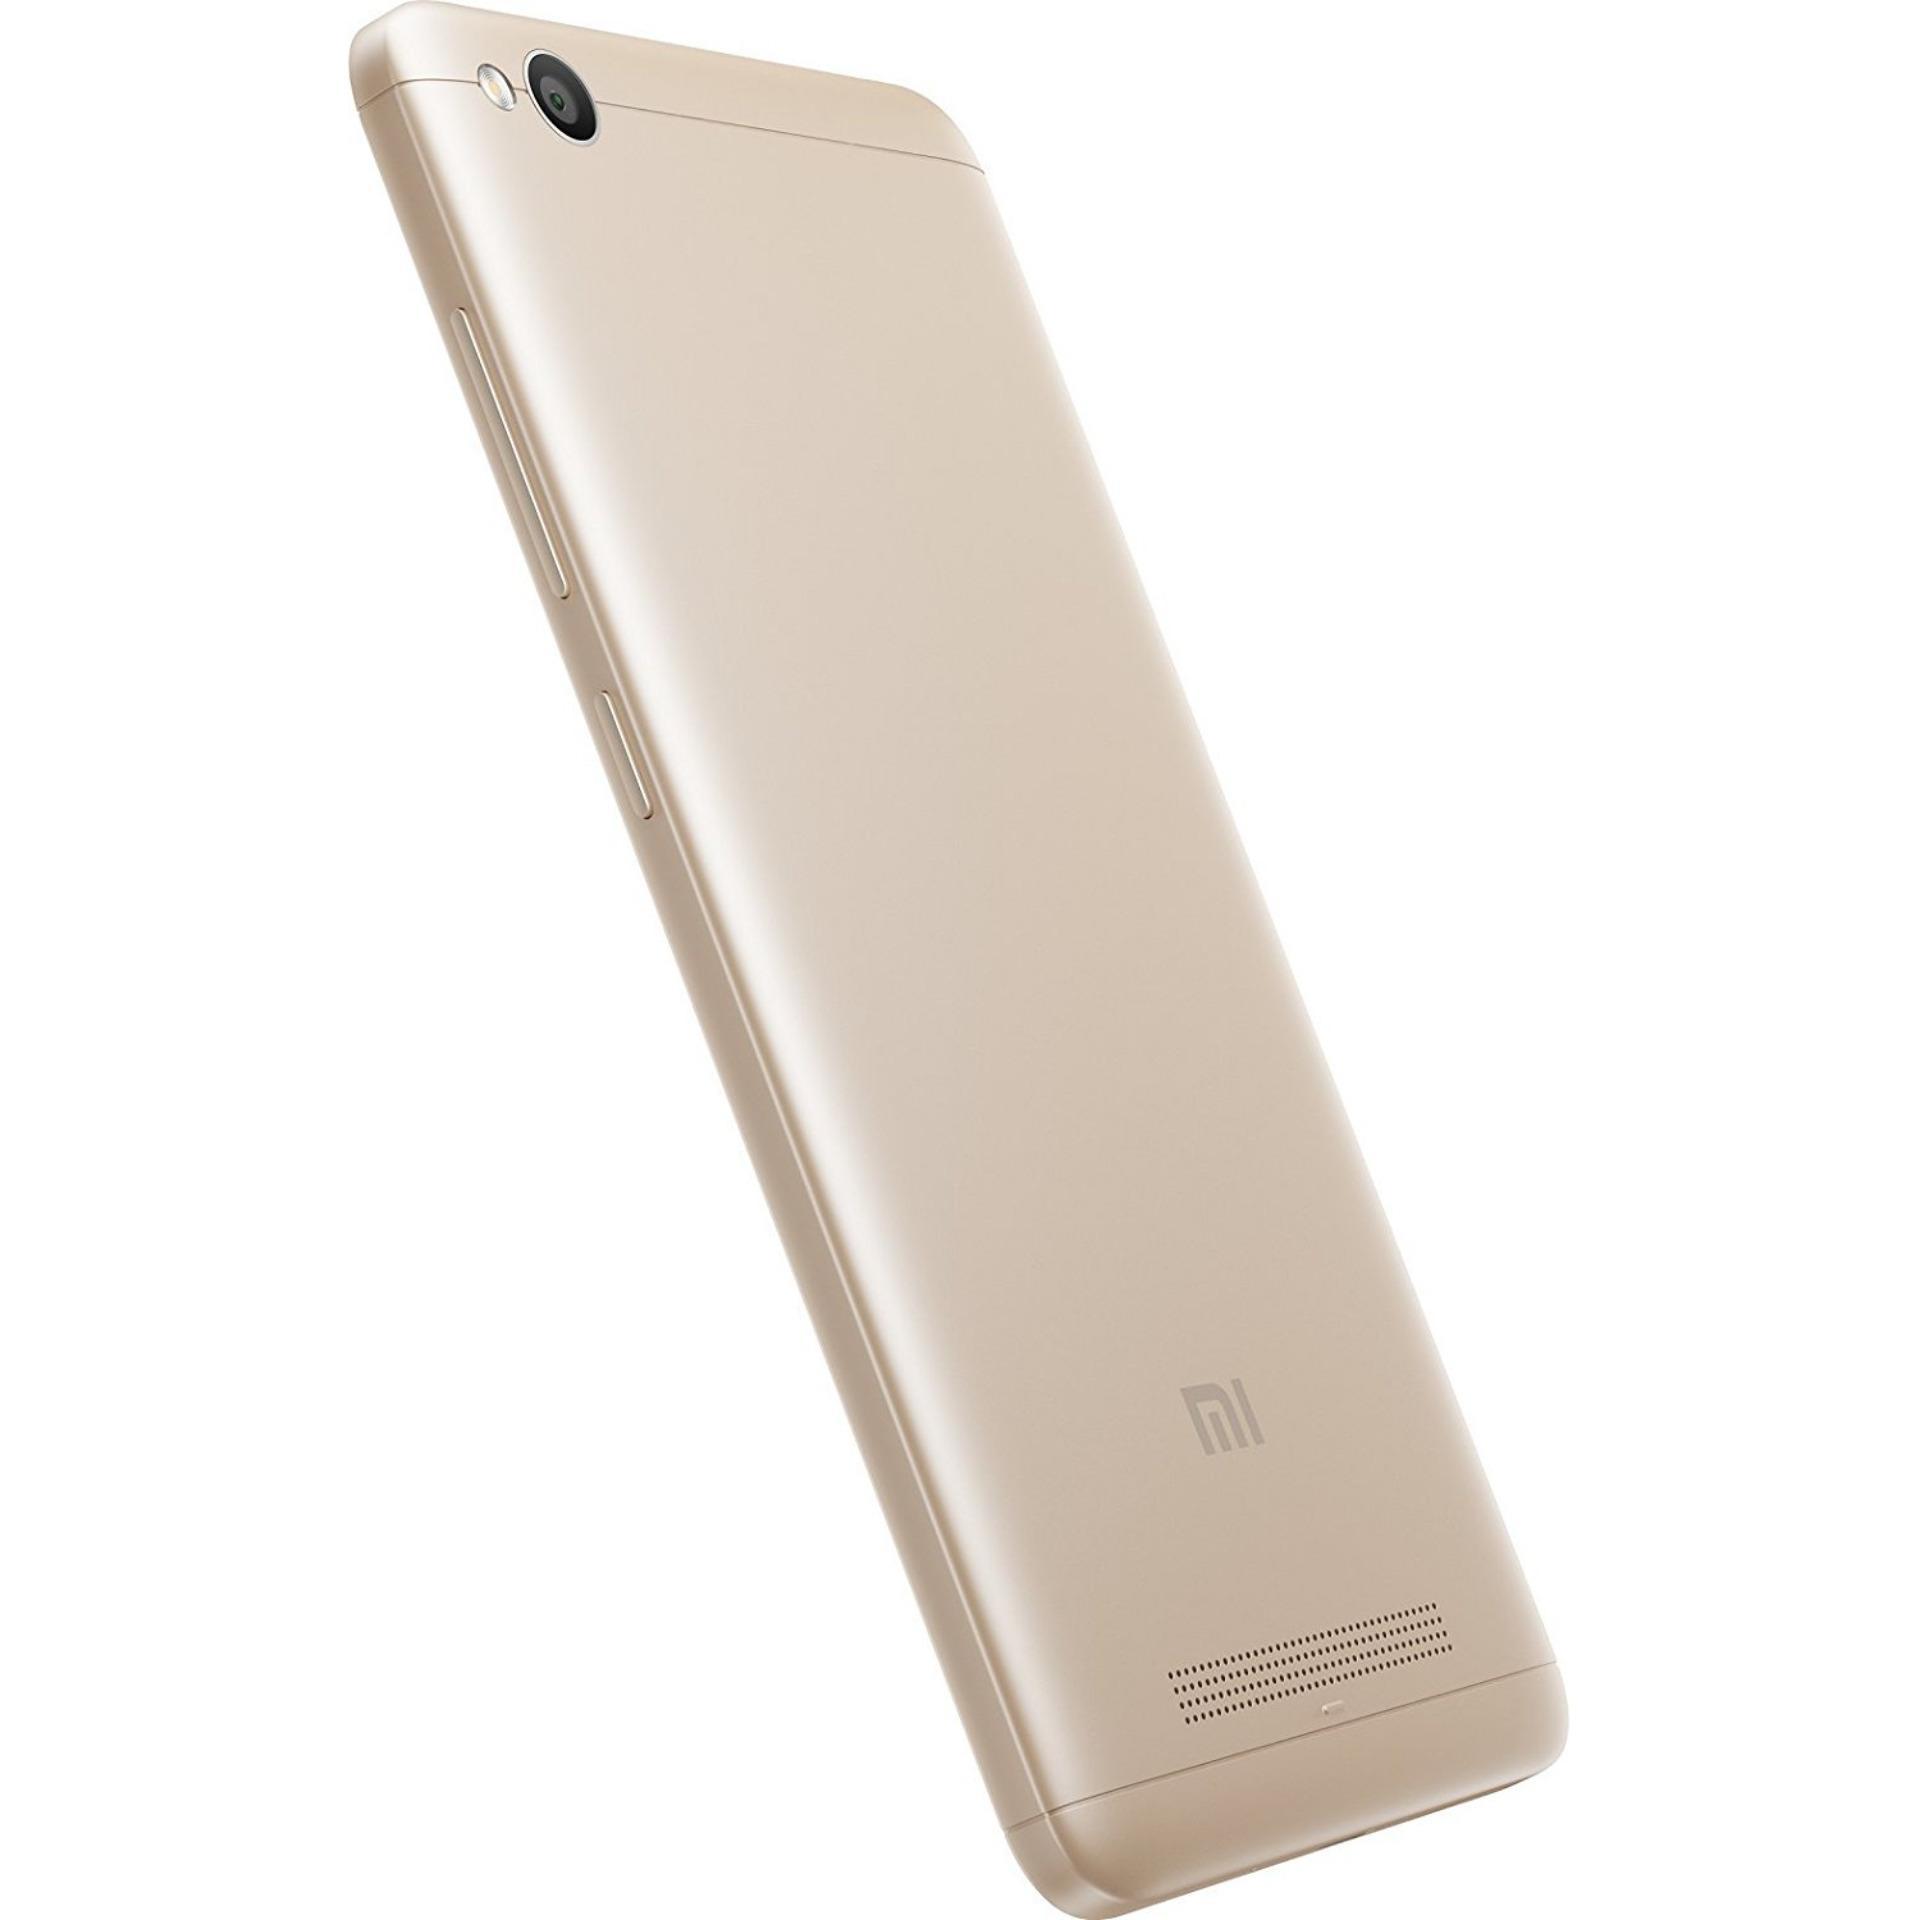 Pencari Harga Xiaomi Redmi 4a Global Version Ram 2gb Rom 16gb Prime Memori 32gb Garansi 1 Tahun Free Powerbank Memory Card